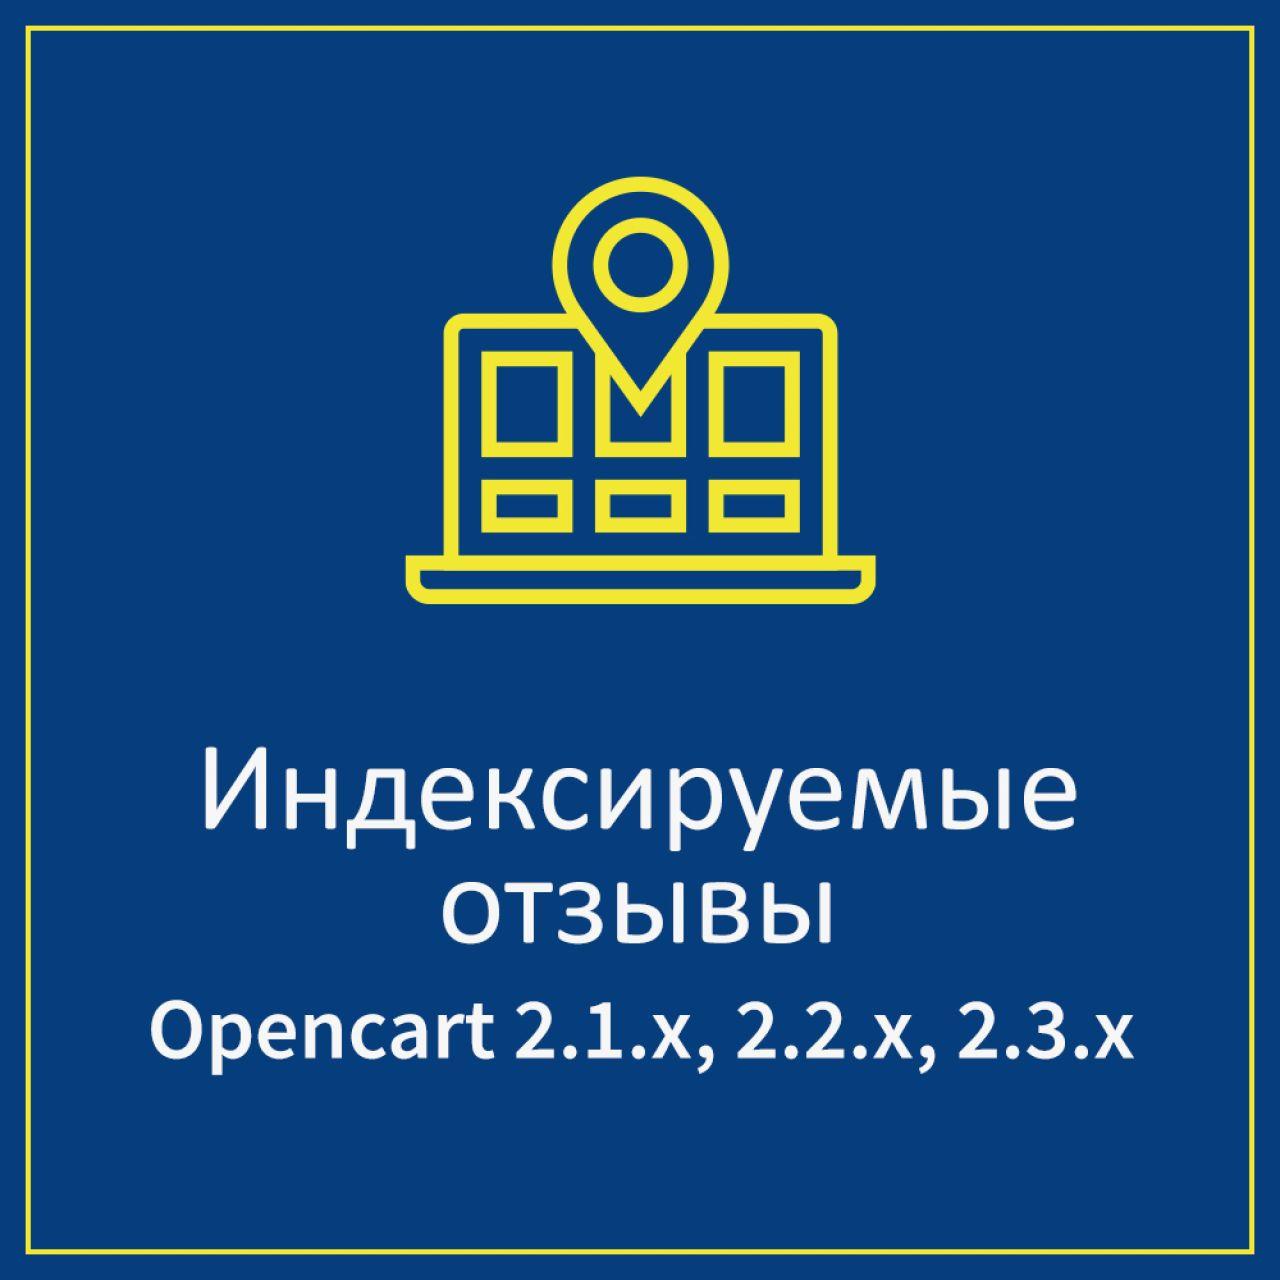 Индексируемые отзывы Opencart 2 из категории SEO для CMS OpenCart (ОпенКарт)